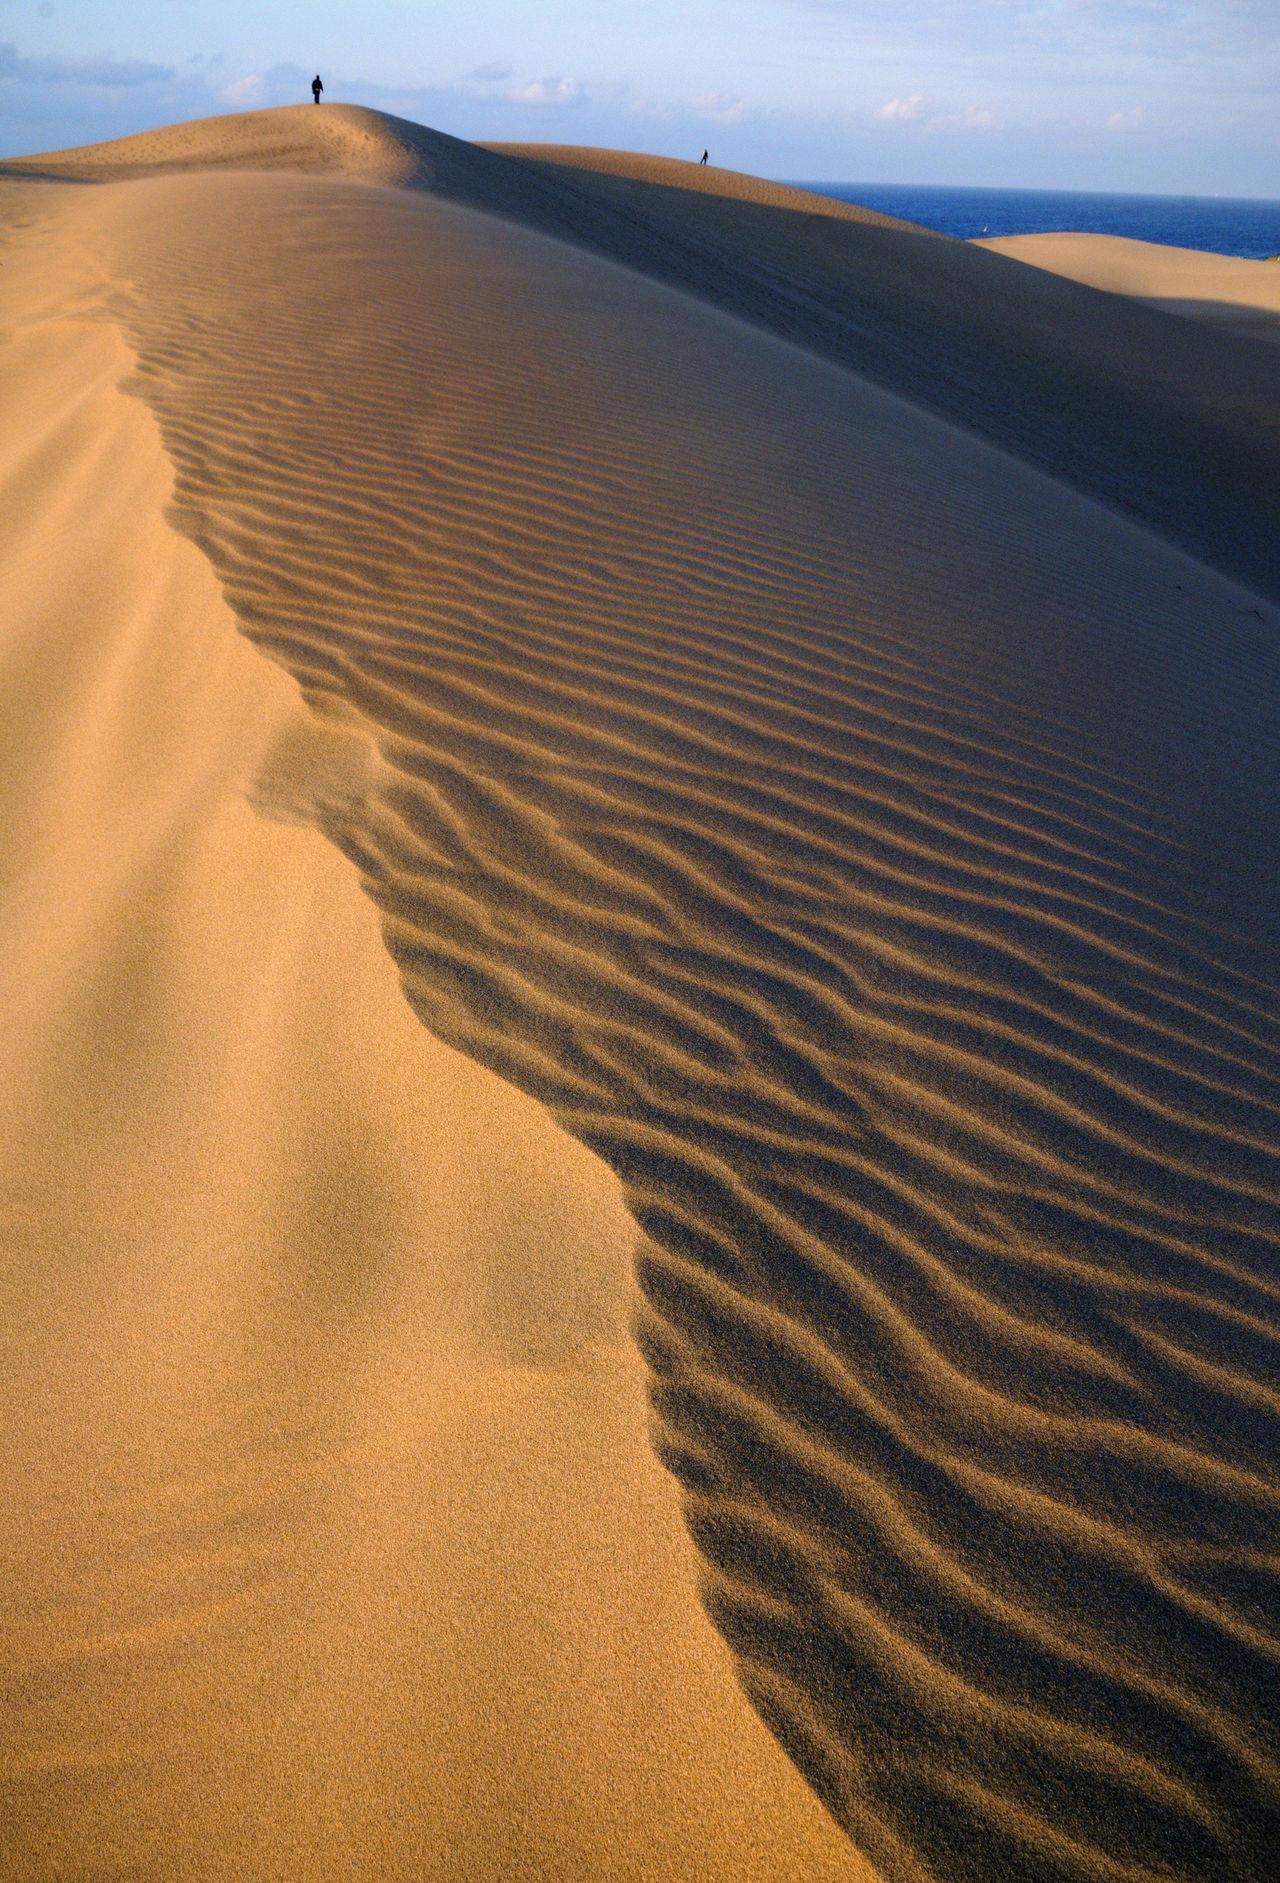 Крупнейшие в Японии дюны на побережье Японского моря